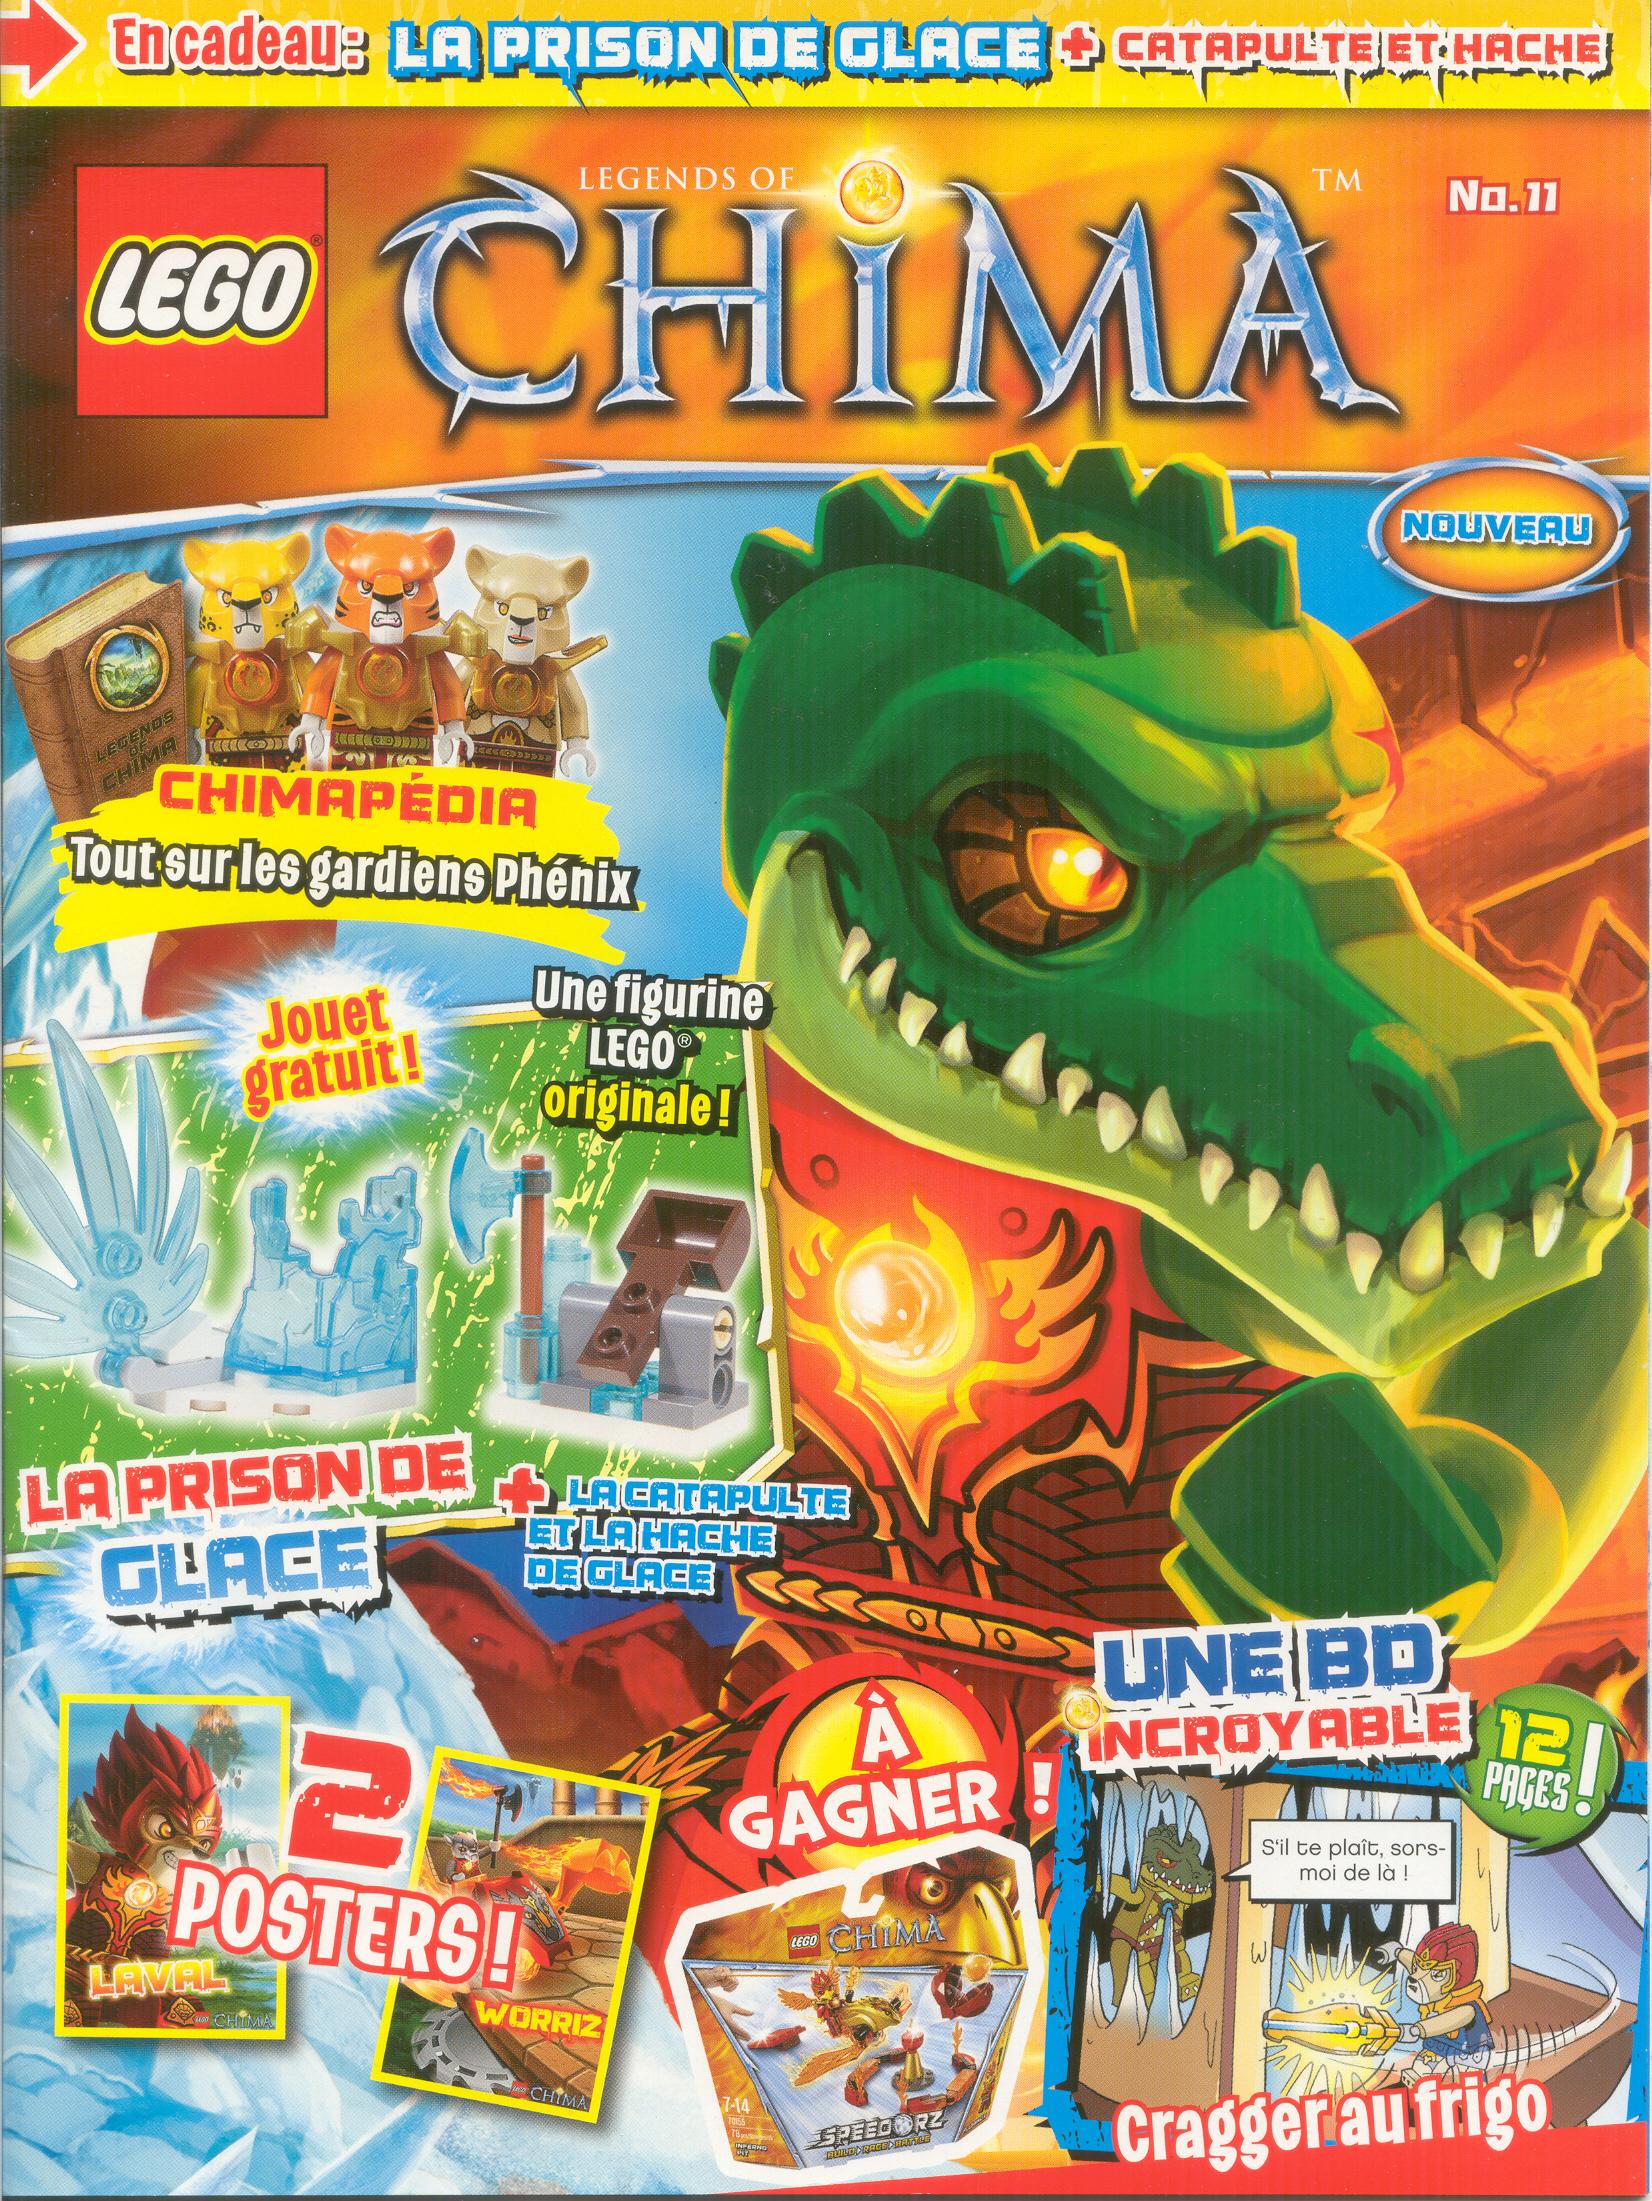 Lego chima 11 wiki lego fandom powered by wikia - Image de lego chima ...